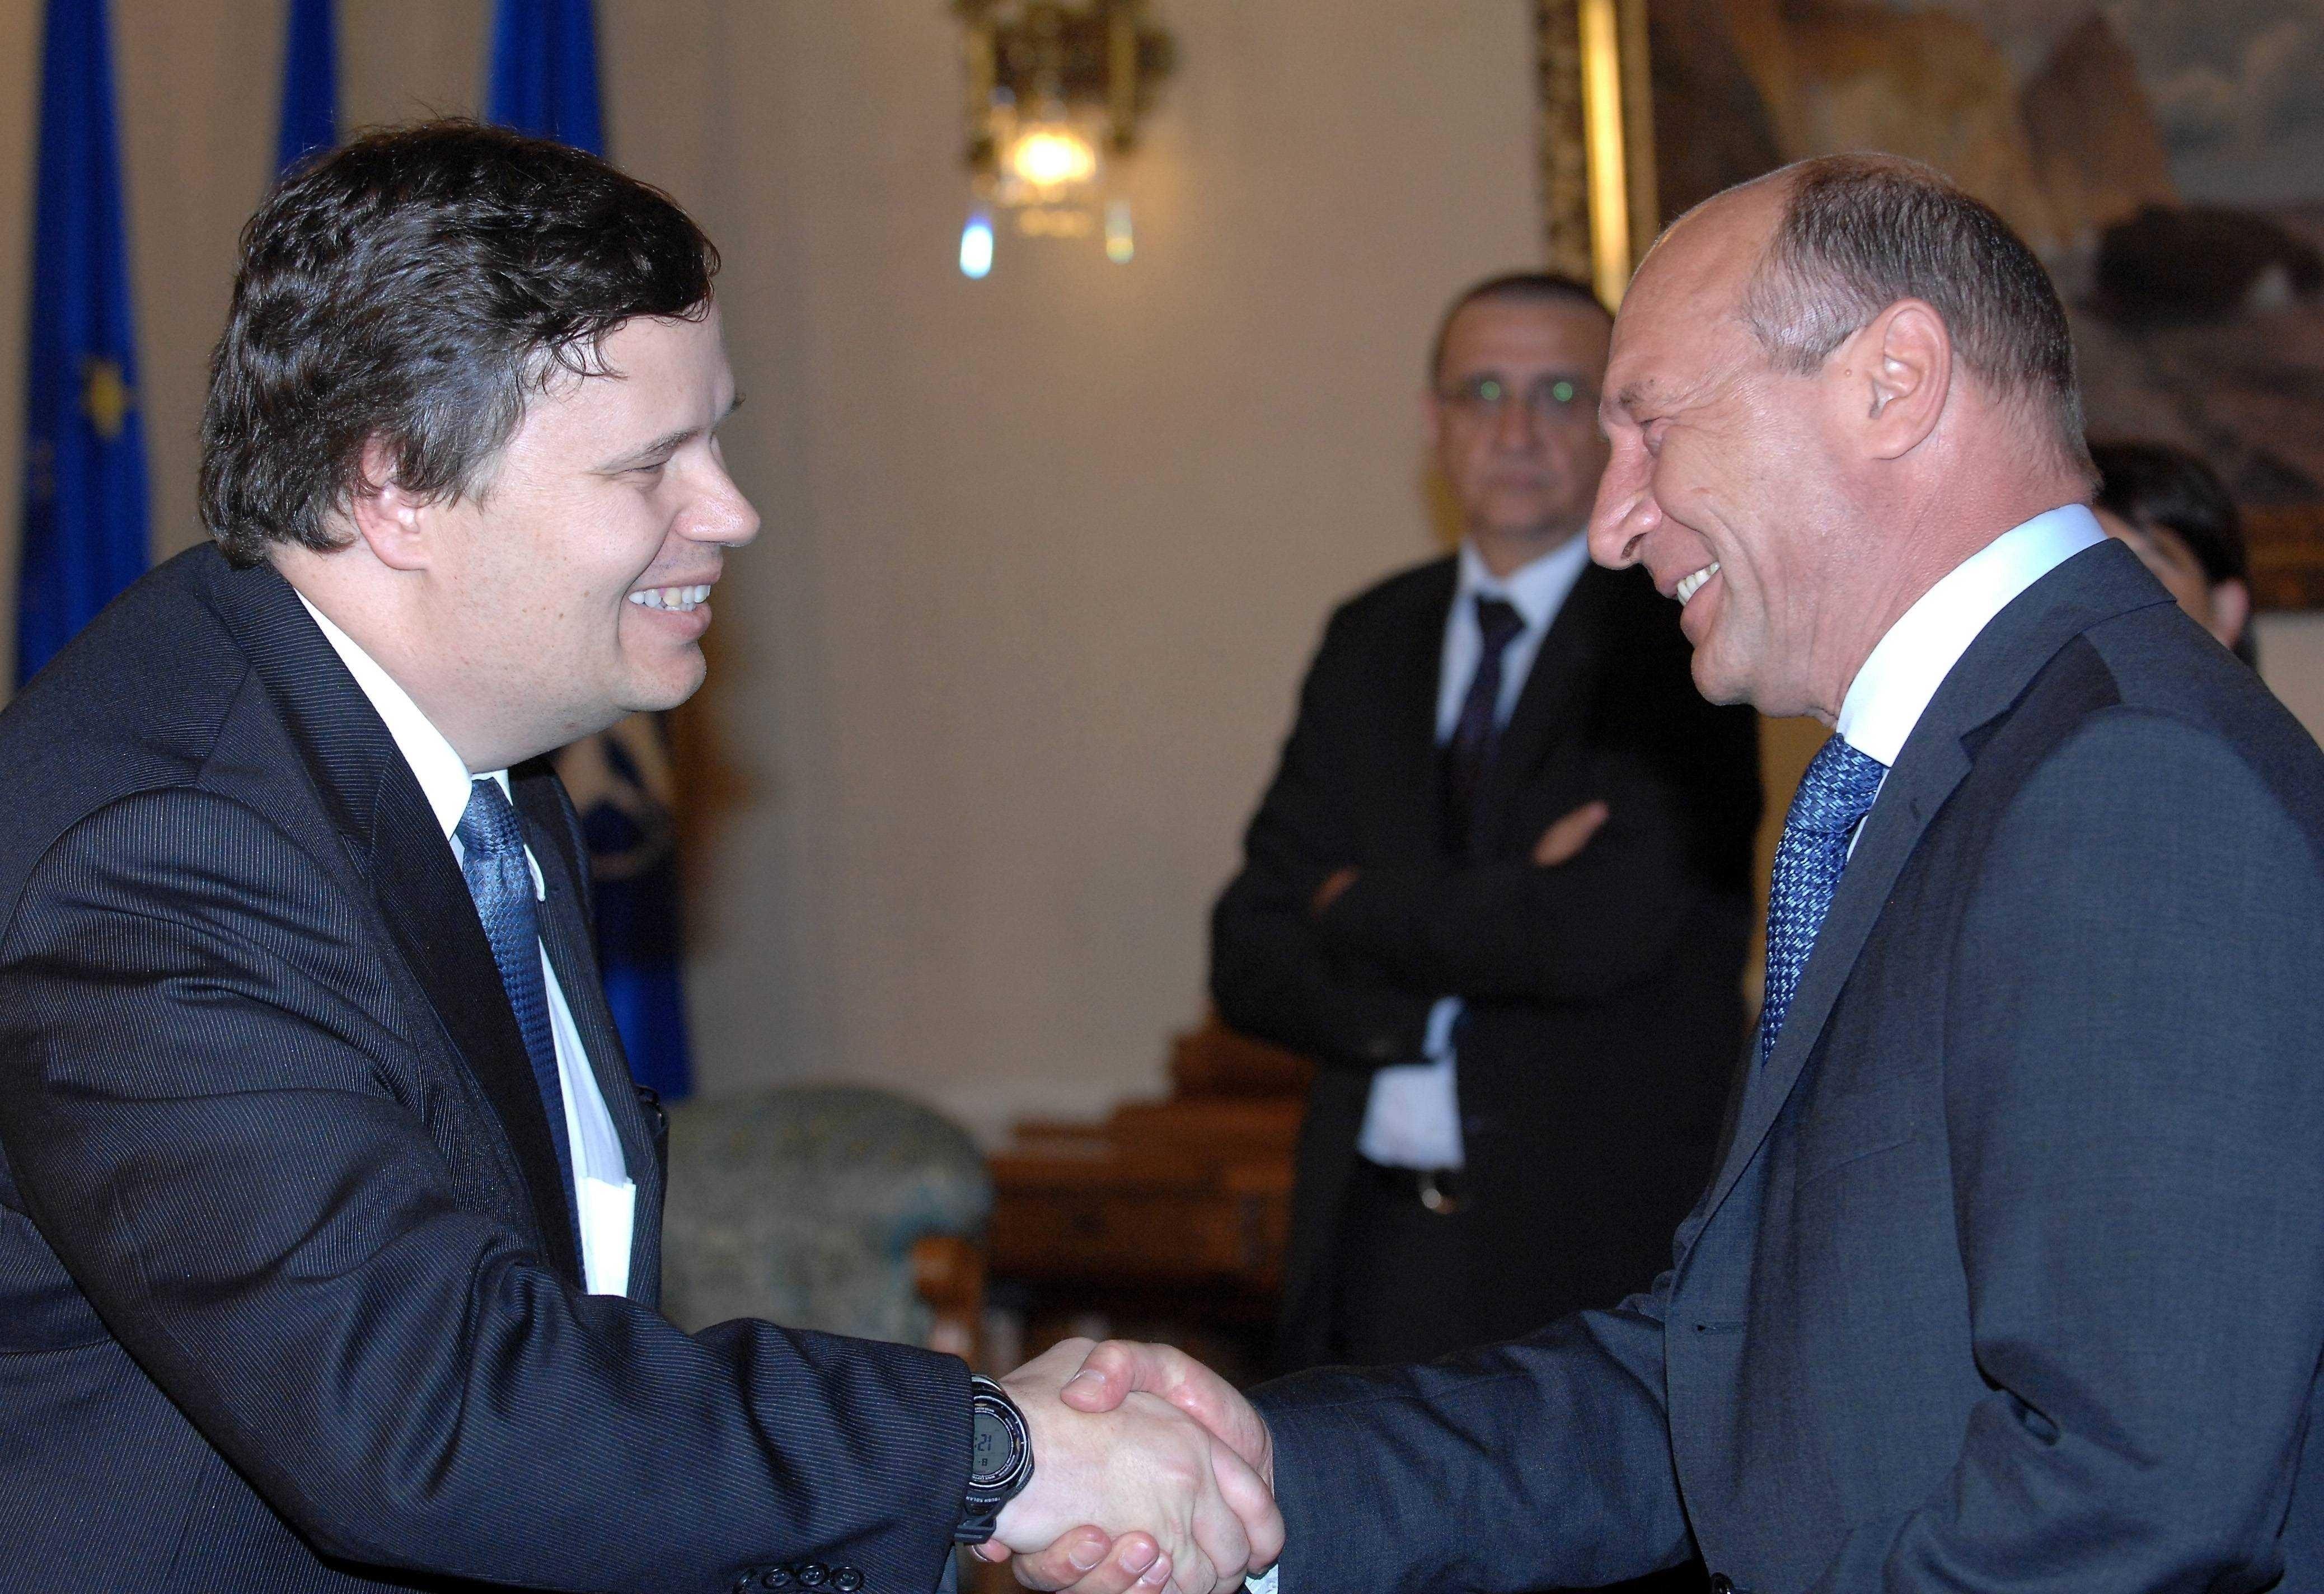 """De ce Basescu a taiat salariile cu 25%, desi FMI ceruse mai putin? MIRCEA DIACONU: <i>""""NU DE BANI A FOST VORBA, CI DE OAMENI…""""</i> (video)"""